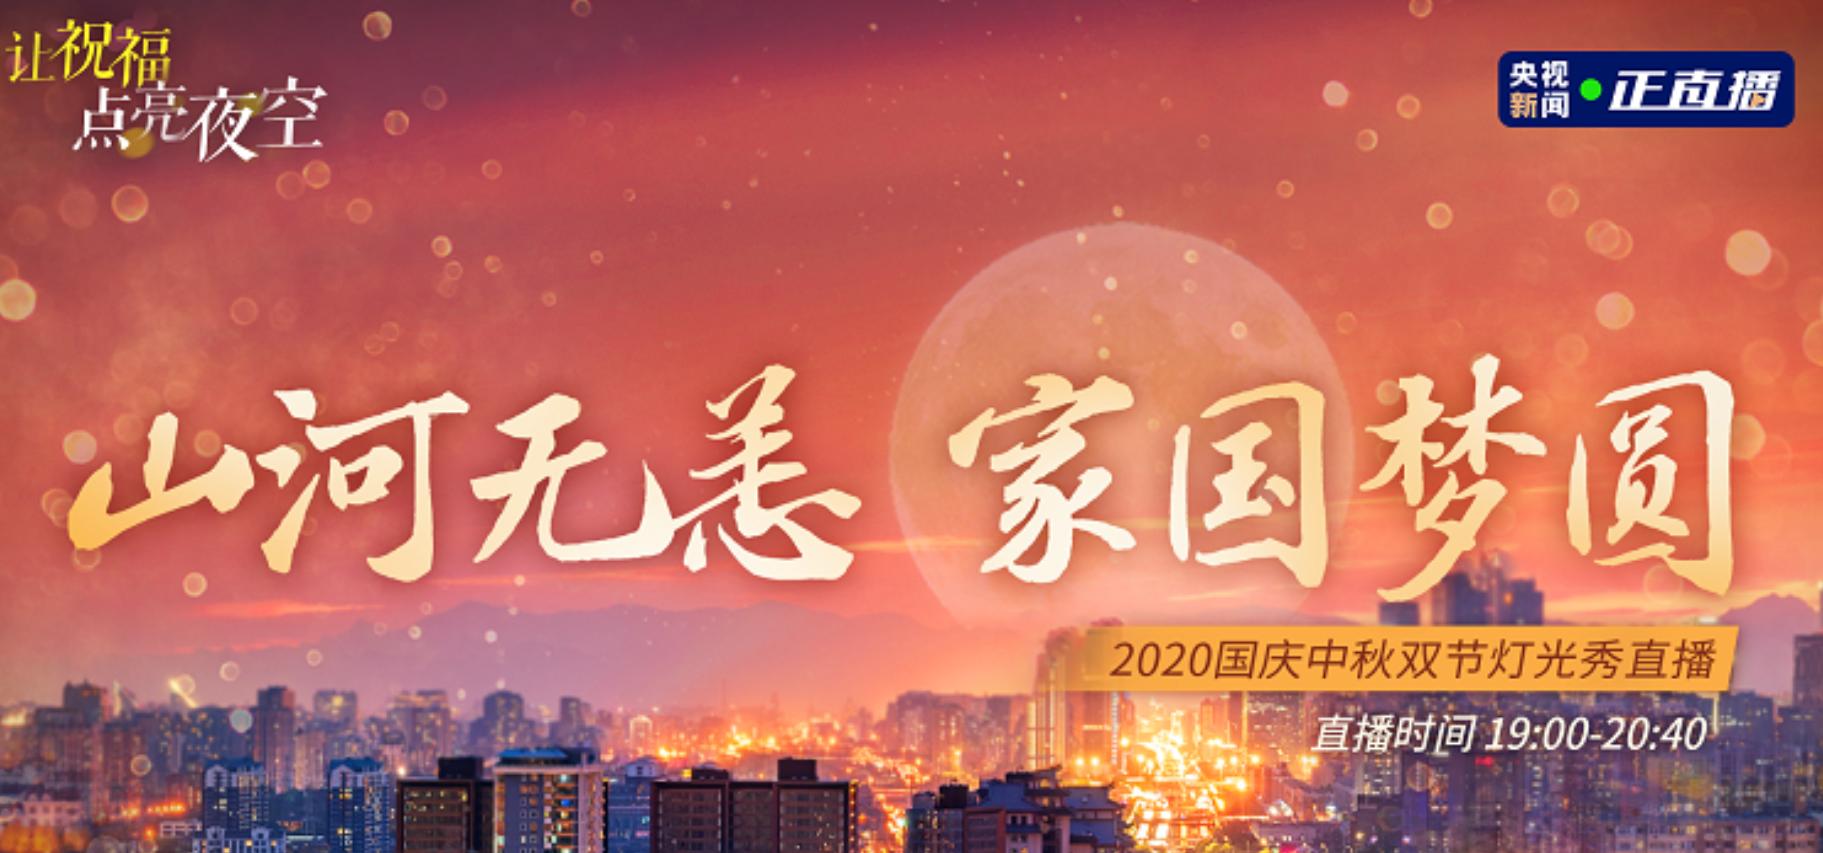 2020国庆中秋双节灯光秀直播:璀璨中国山河同庆